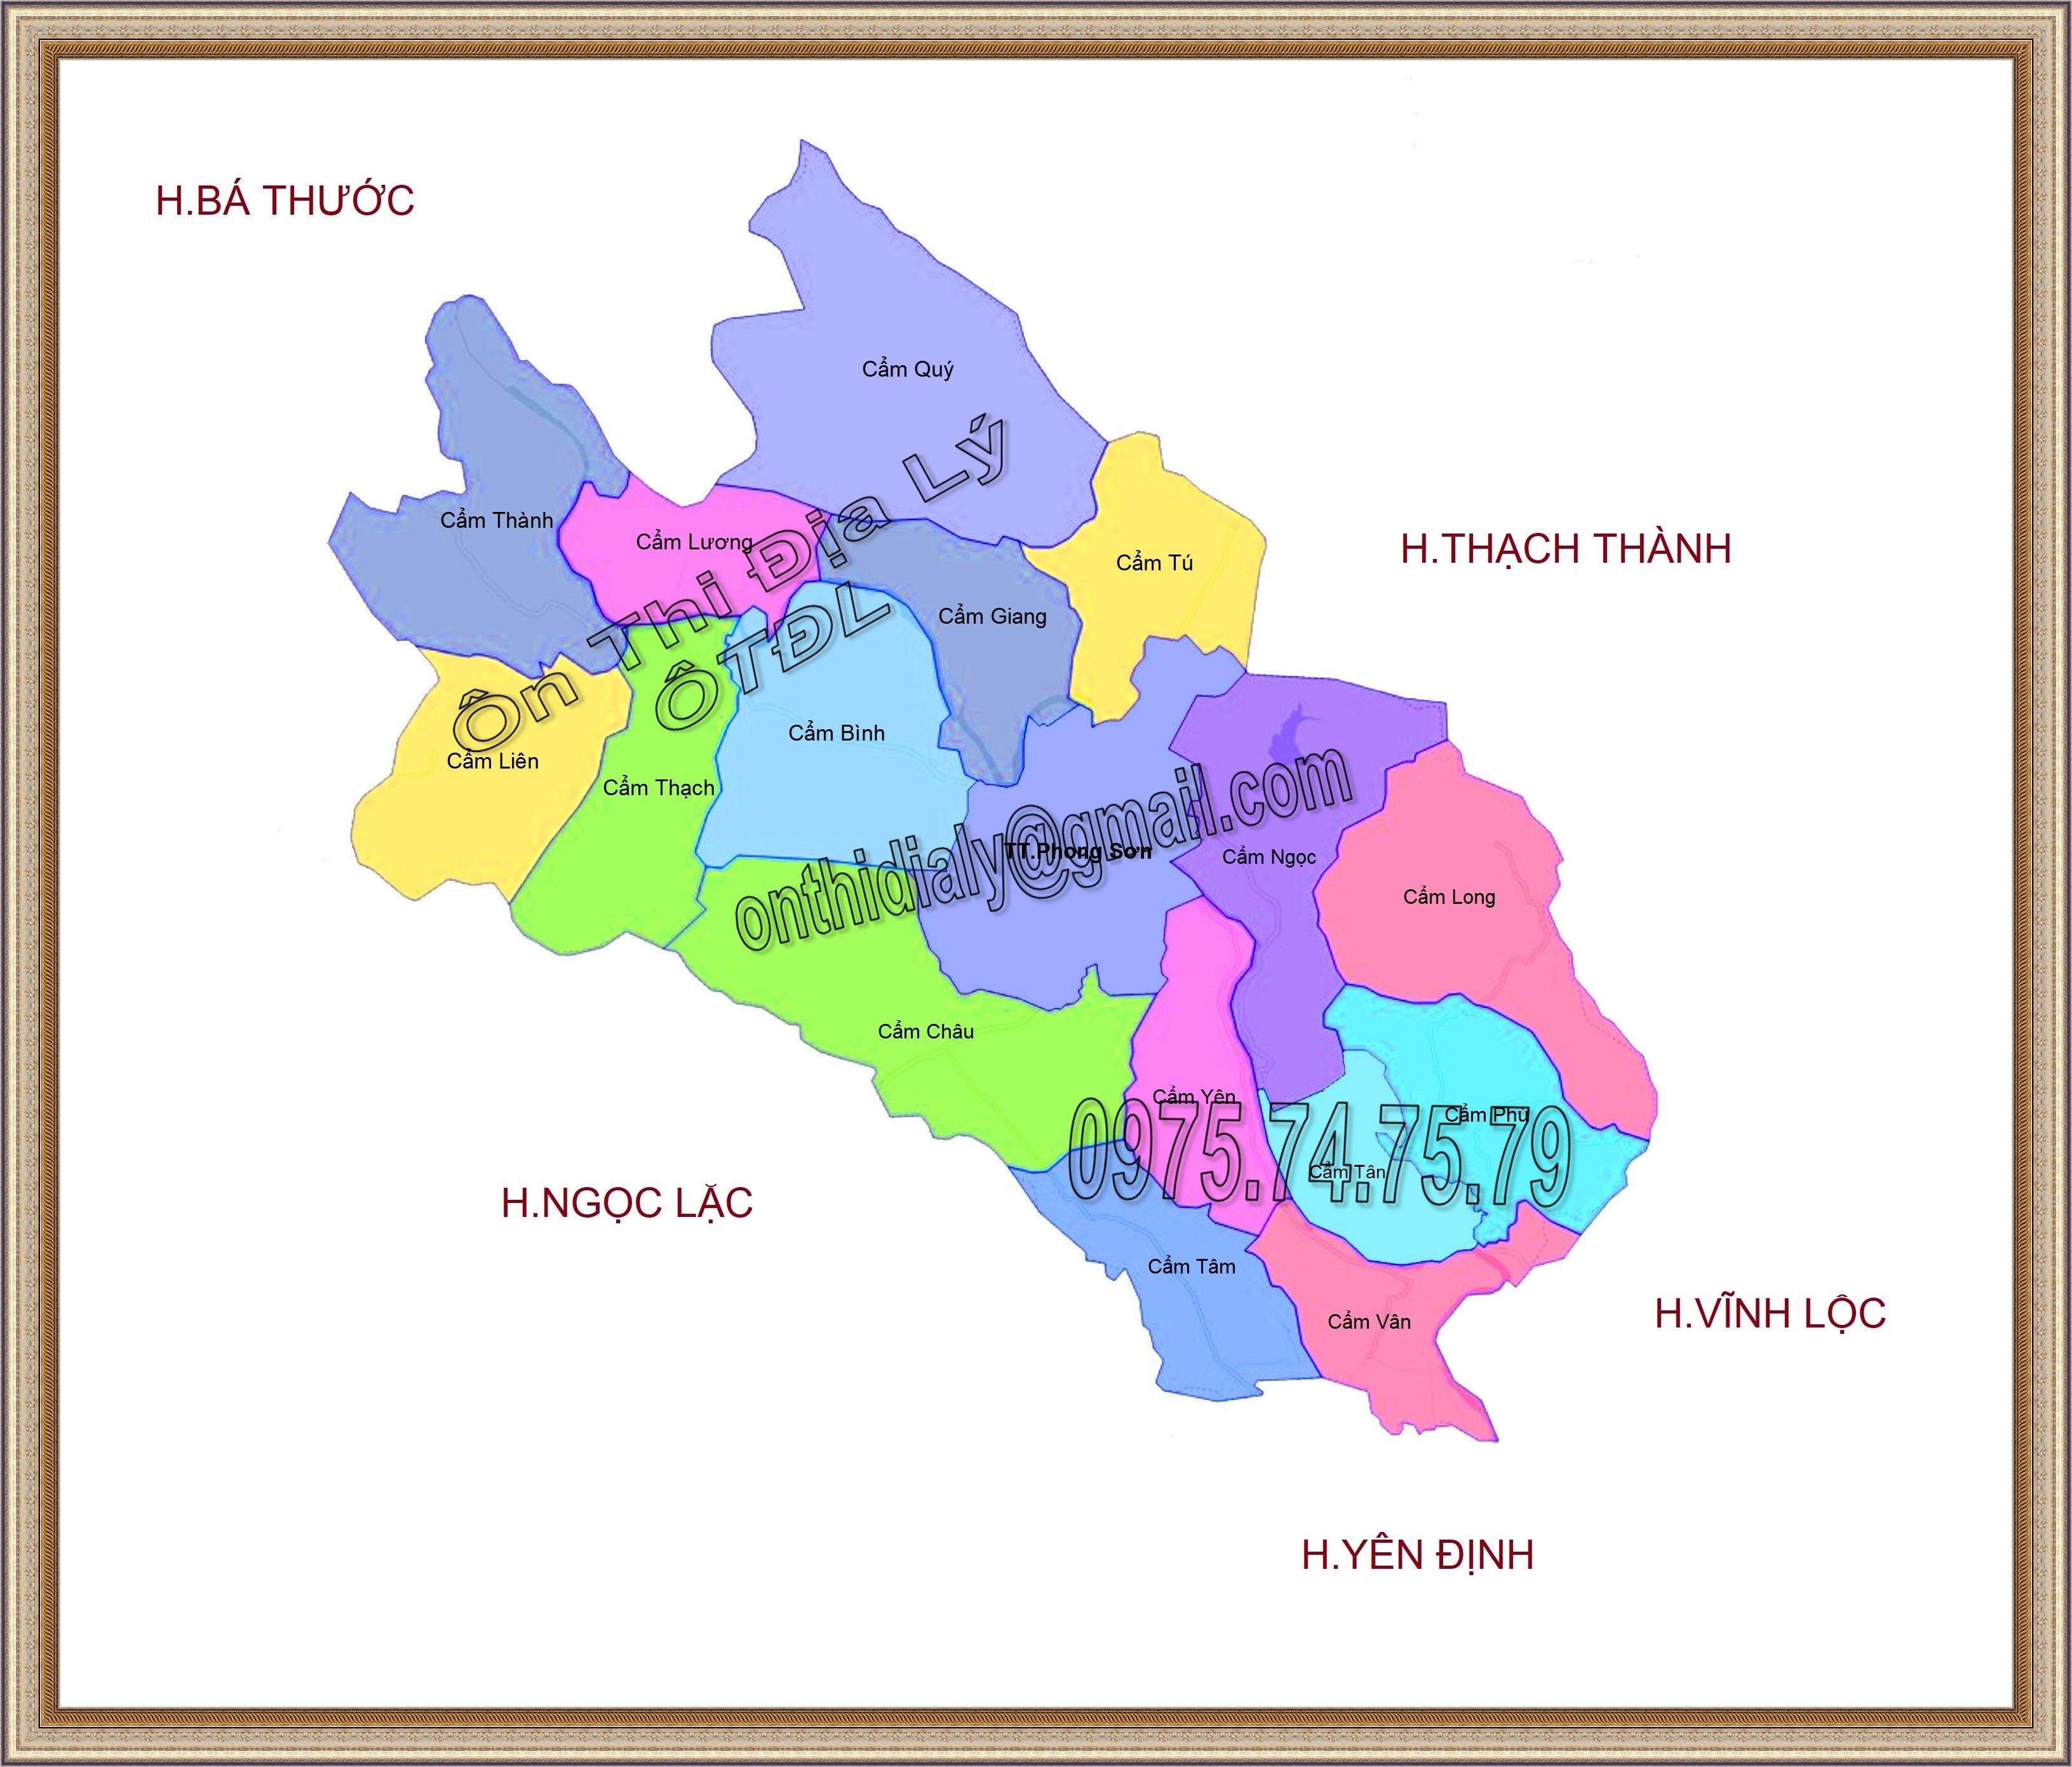 Cam Thuy - Thanh Hoa 5